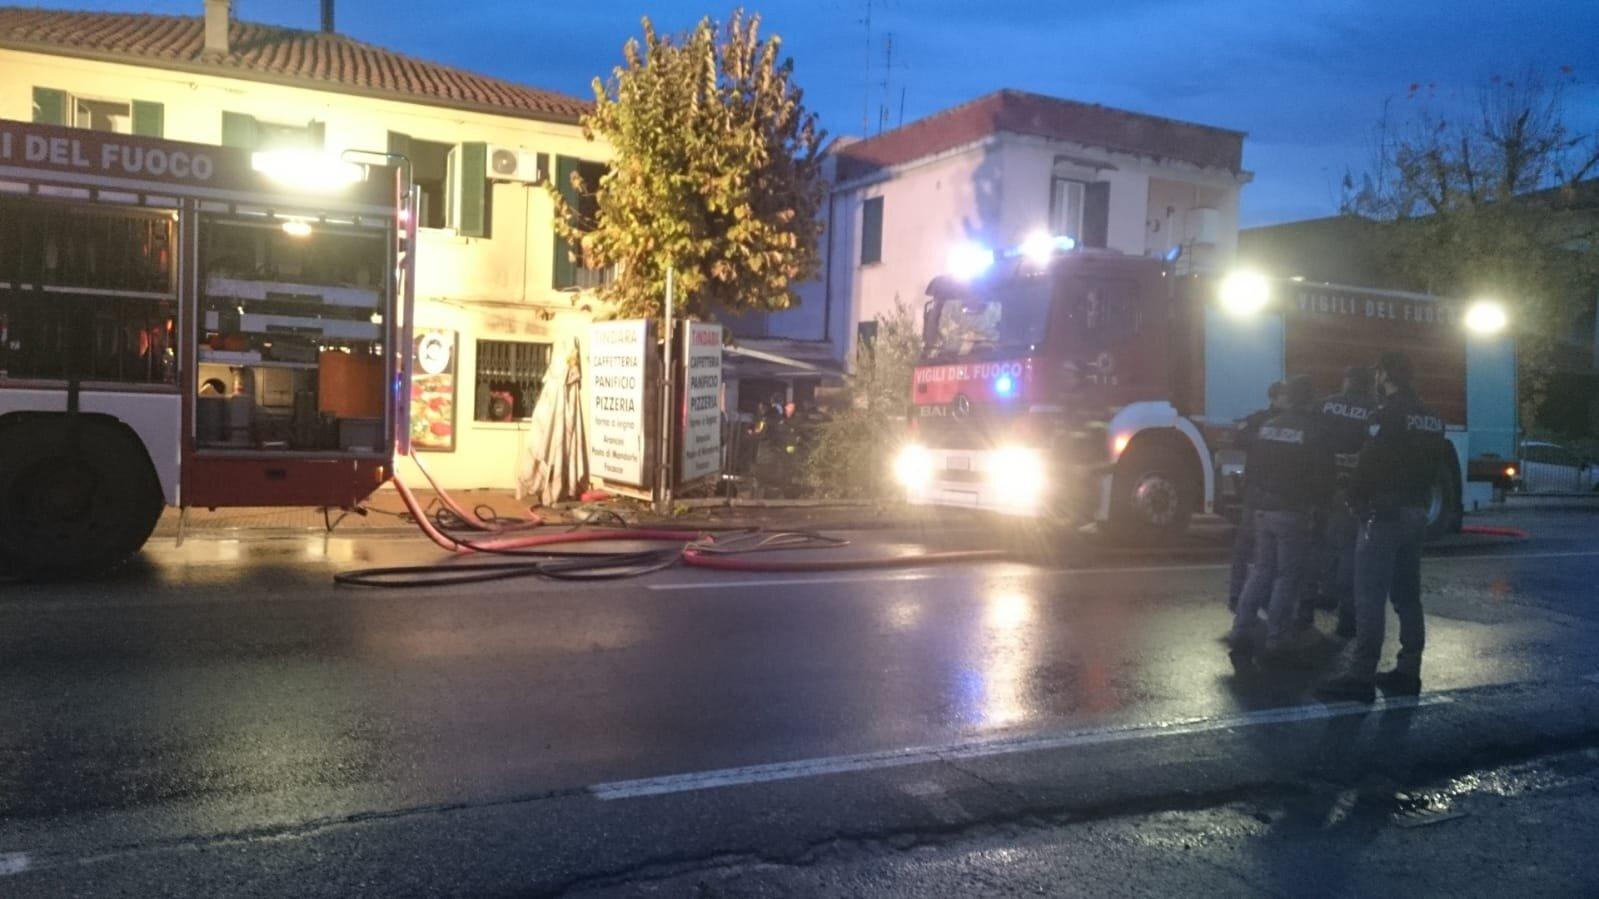 Incendio in casa a Sant'Agata, San Vitale chiusa, evacuata scuola